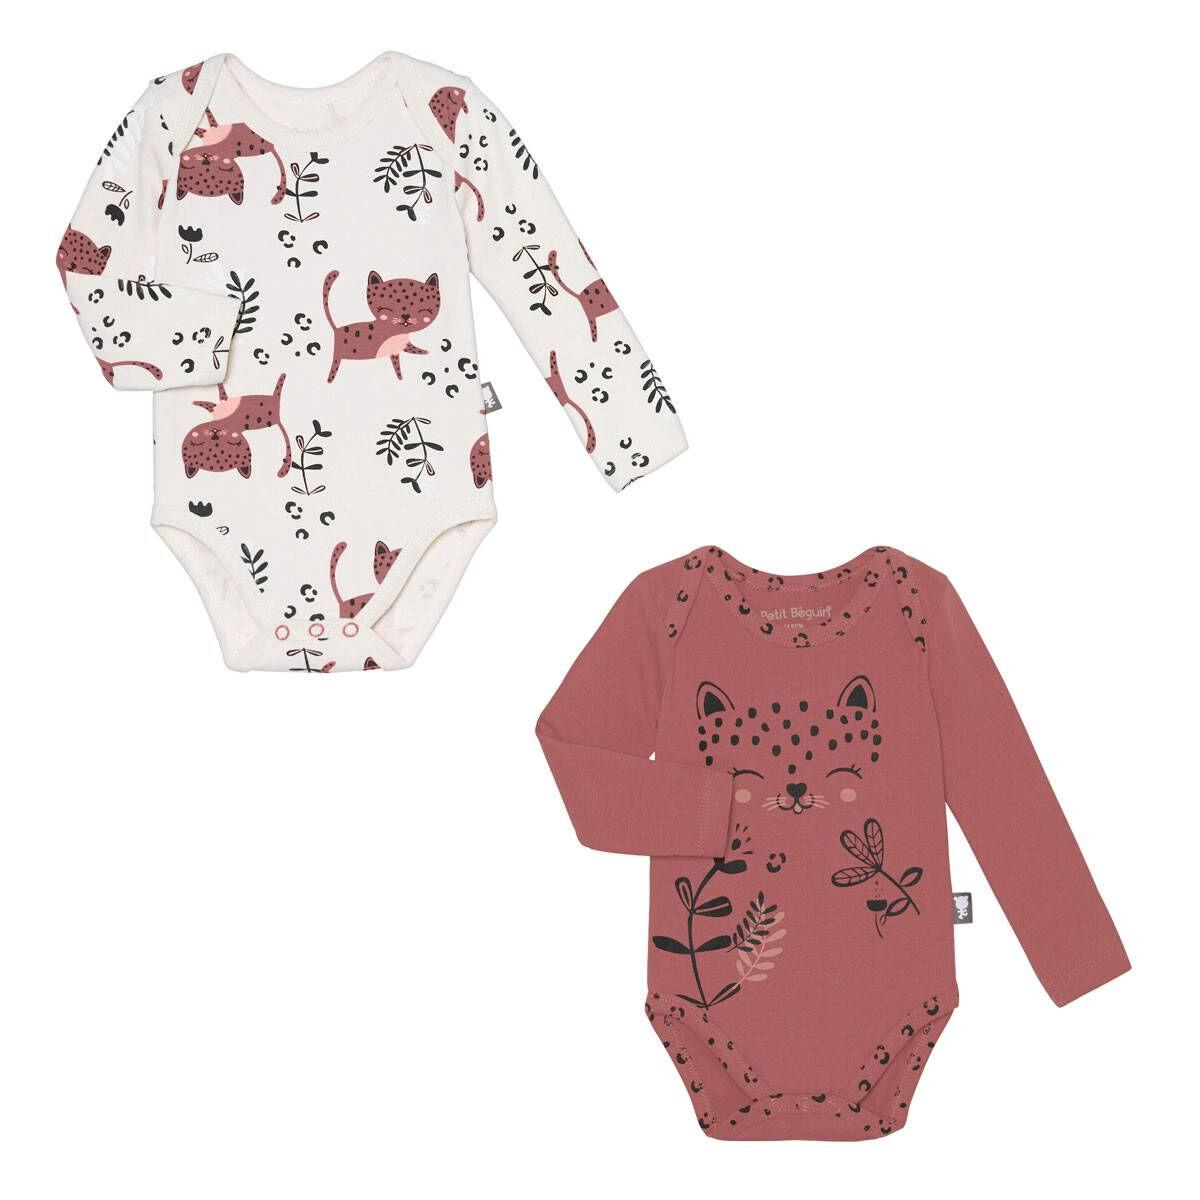 Petit Béguin Lot de 2 bodies bébé fille manches longues Léa - Taille - 24 mois